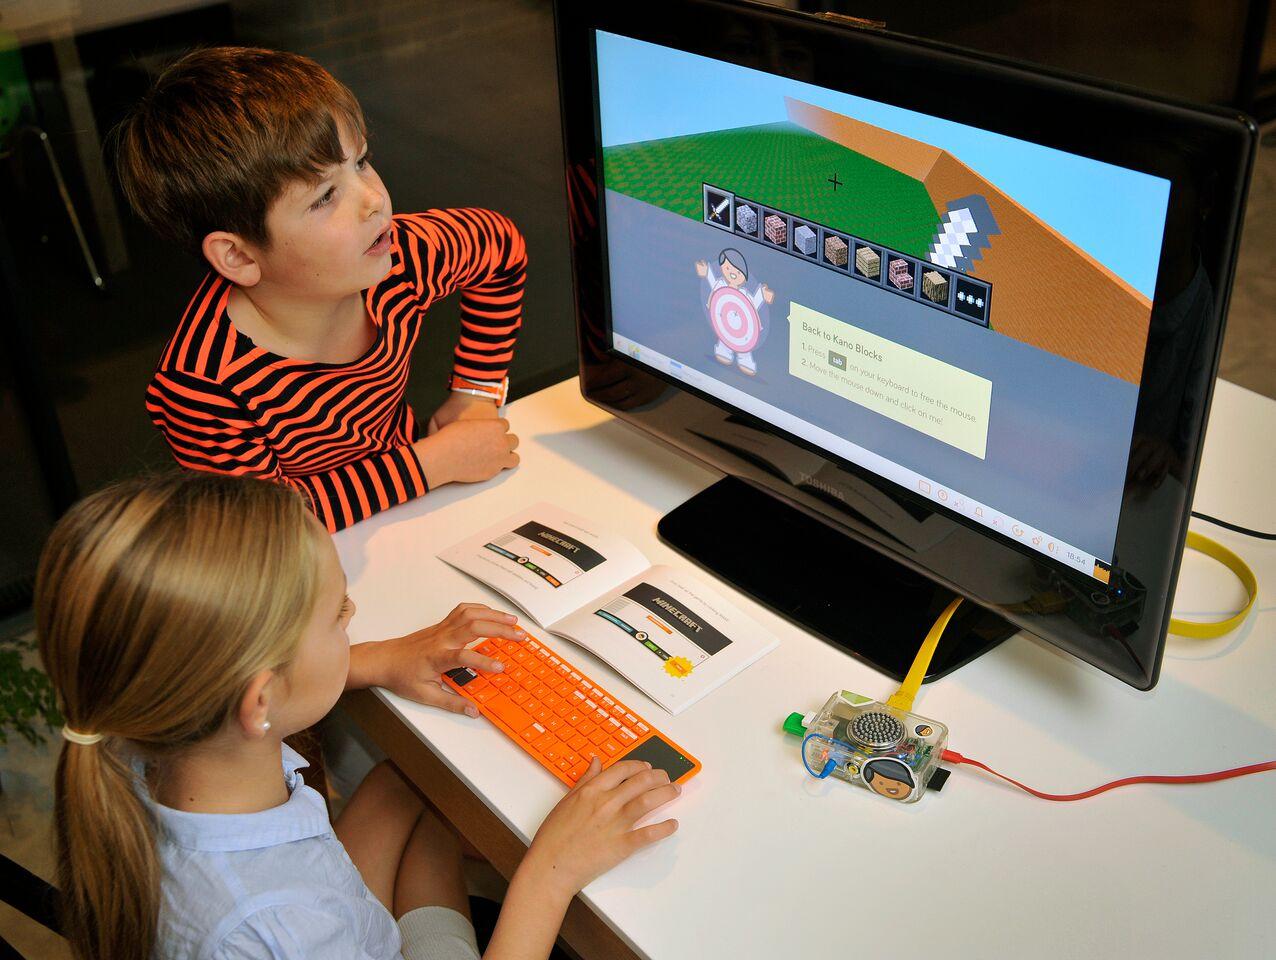 nens kano kit pantalla